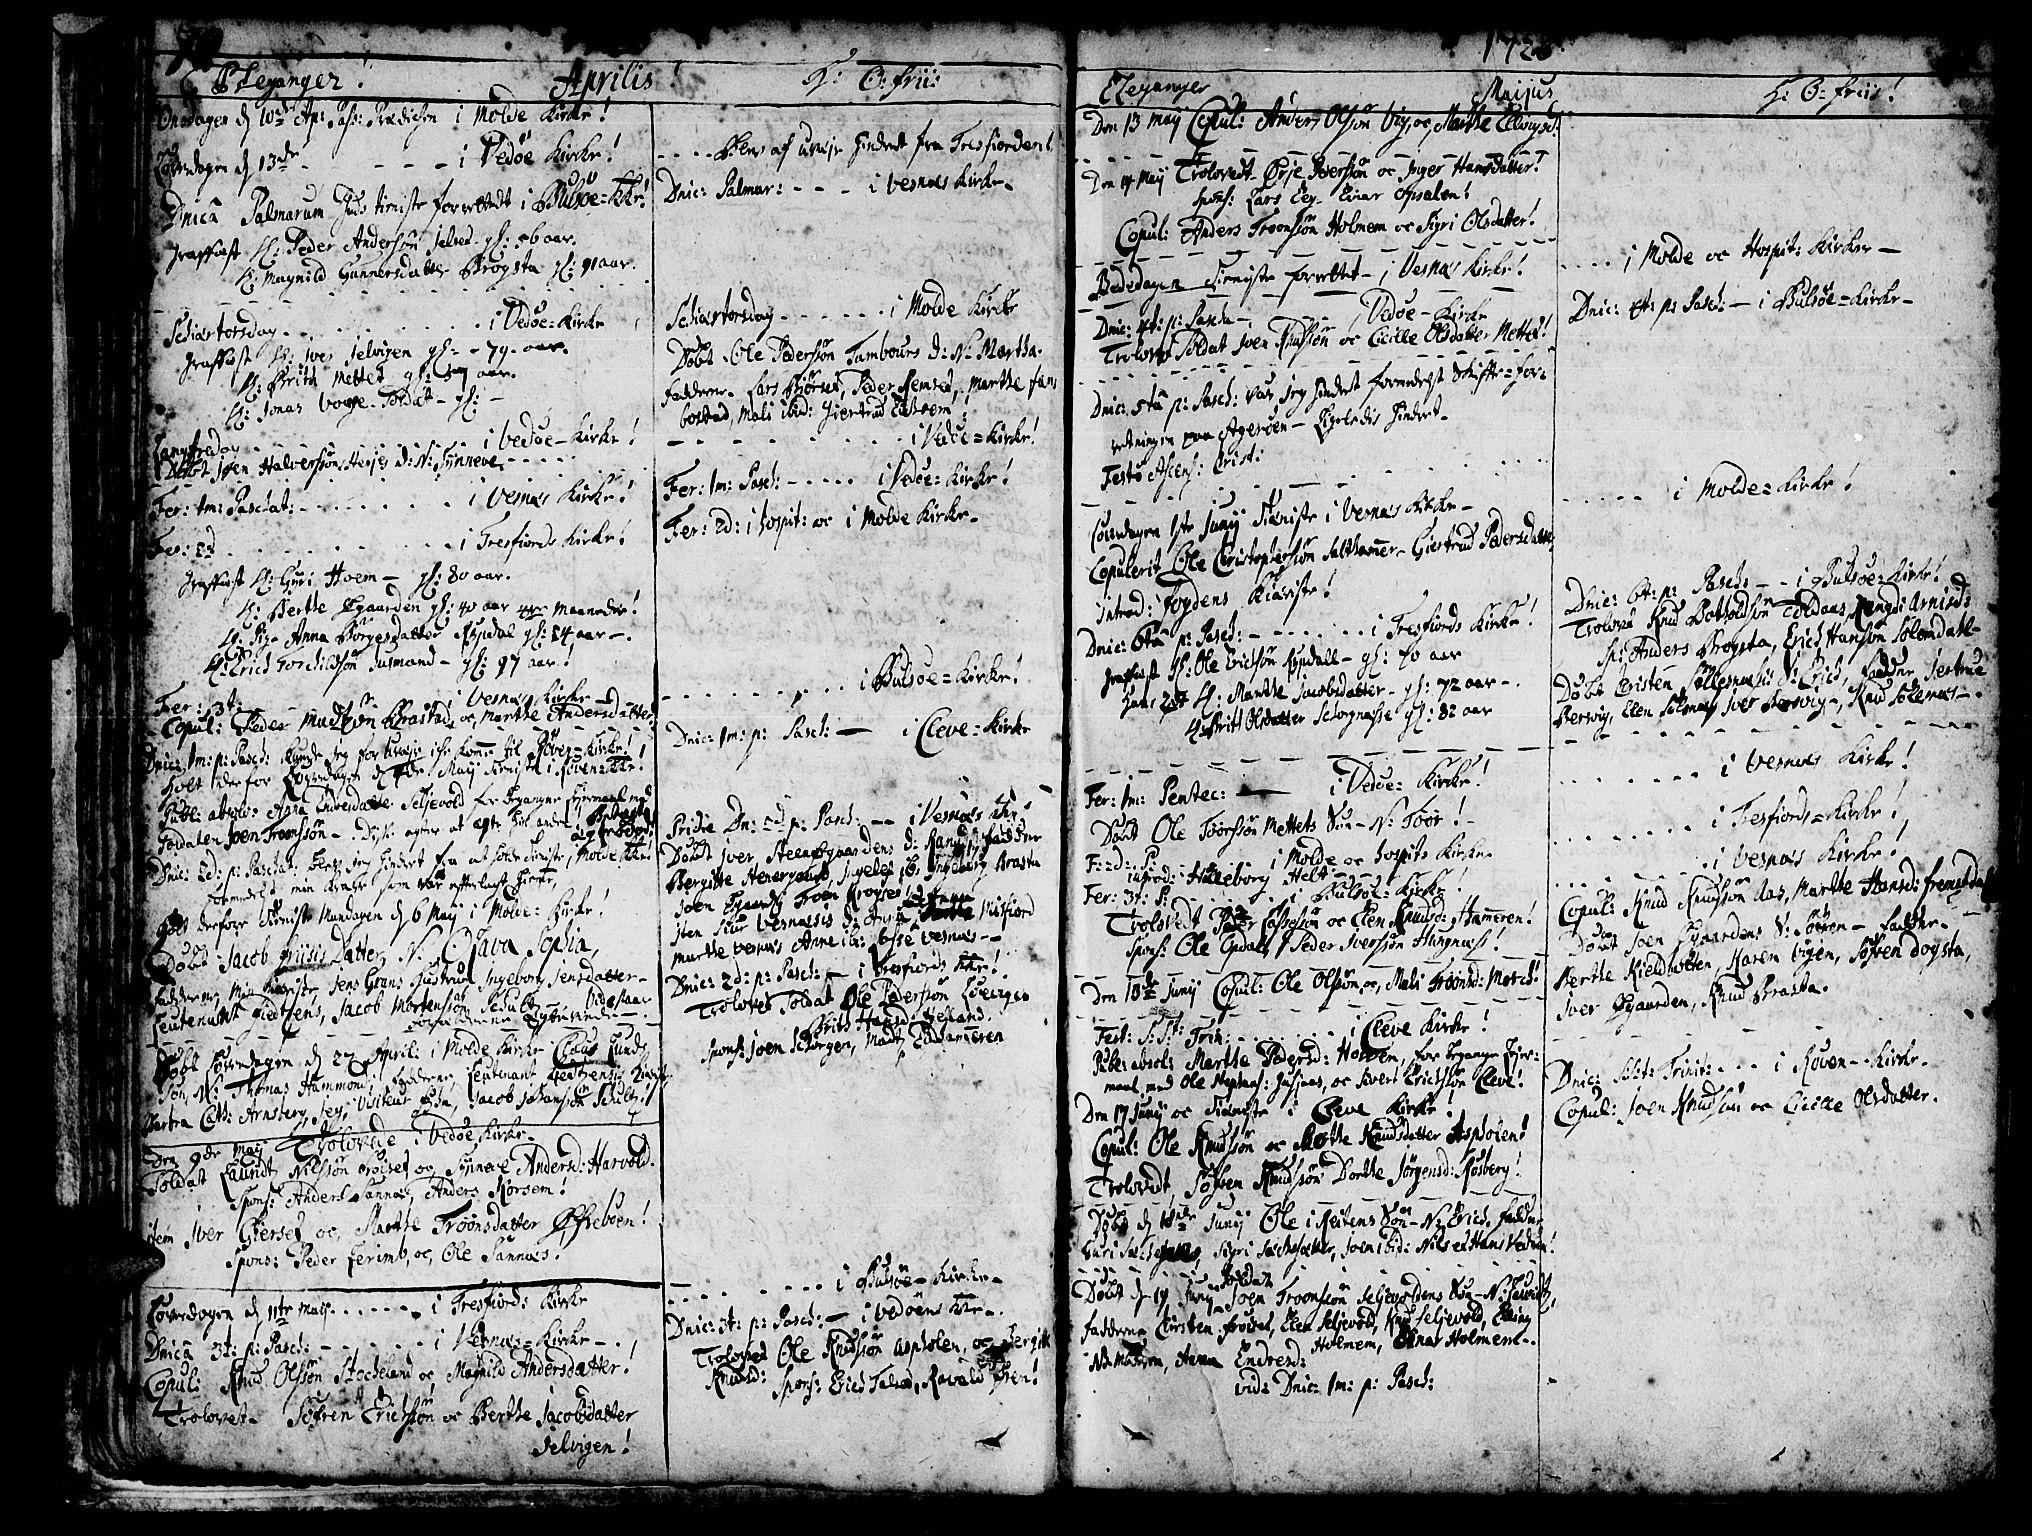 SAT, Ministerialprotokoller, klokkerbøker og fødselsregistre - Møre og Romsdal, 547/L0599: Ministerialbok nr. 547A01, 1721-1764, s. 72-73